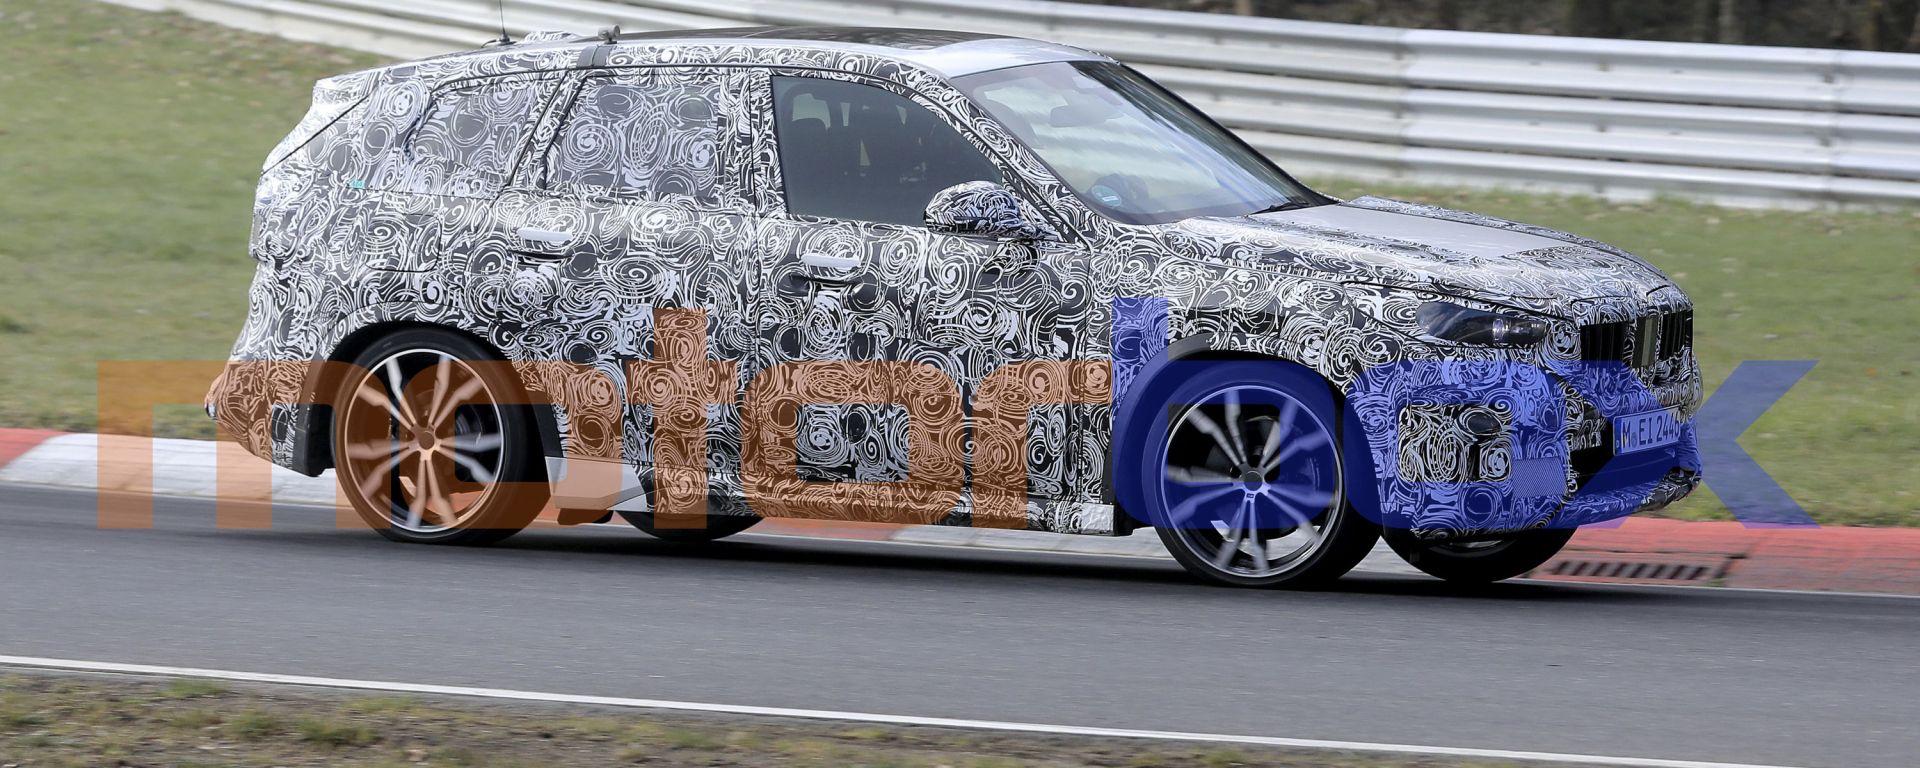 Nuovo BMW X1 2022: le nuove foto spia. Visuale laterale